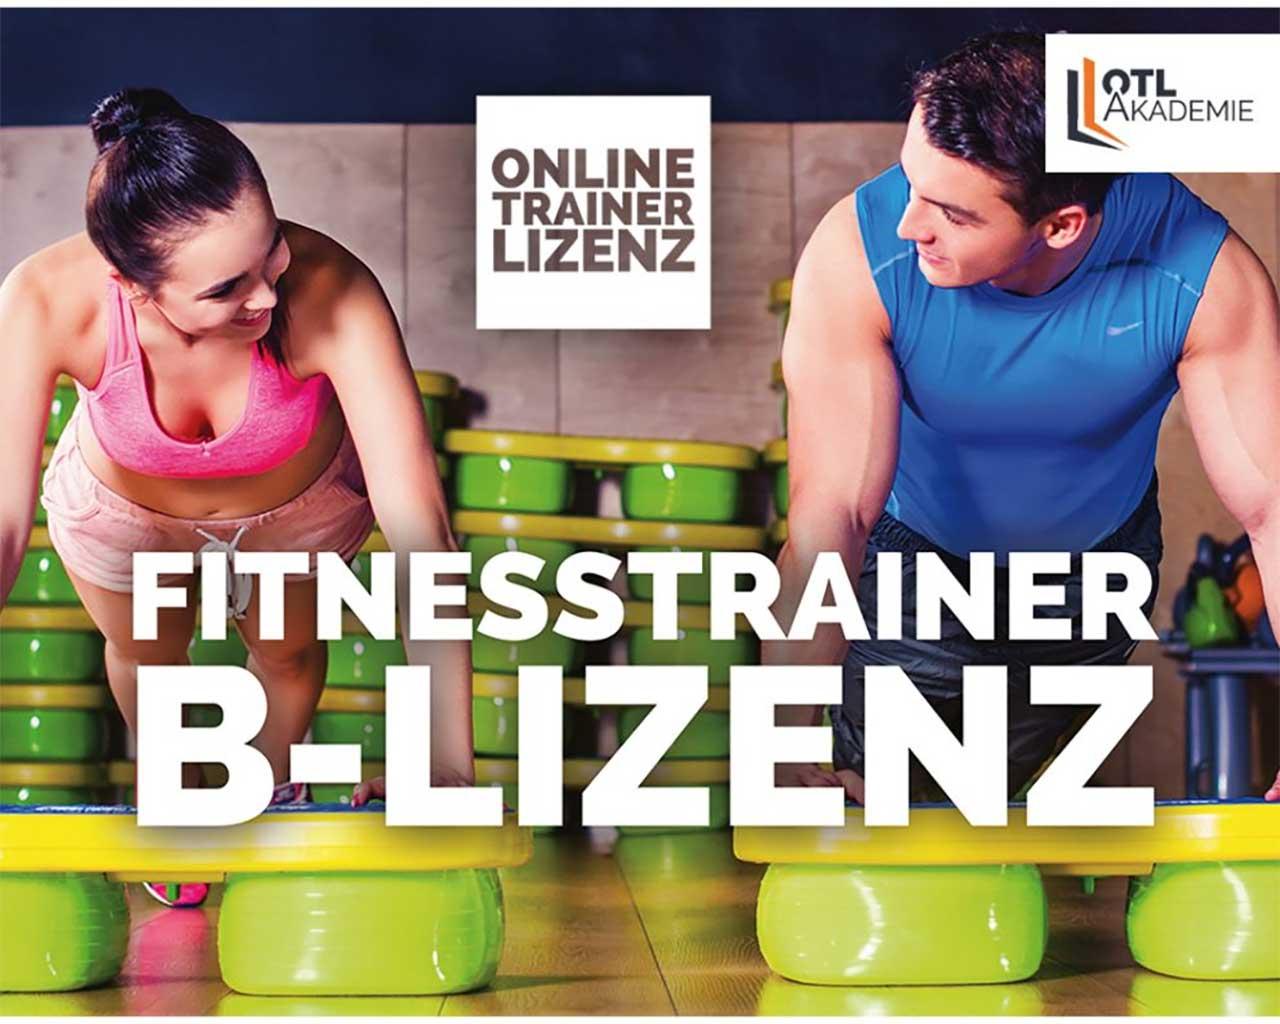 Fitnesstrainer B-Lizenz online Ausbildung (Präventionskurs § 20 SGB)